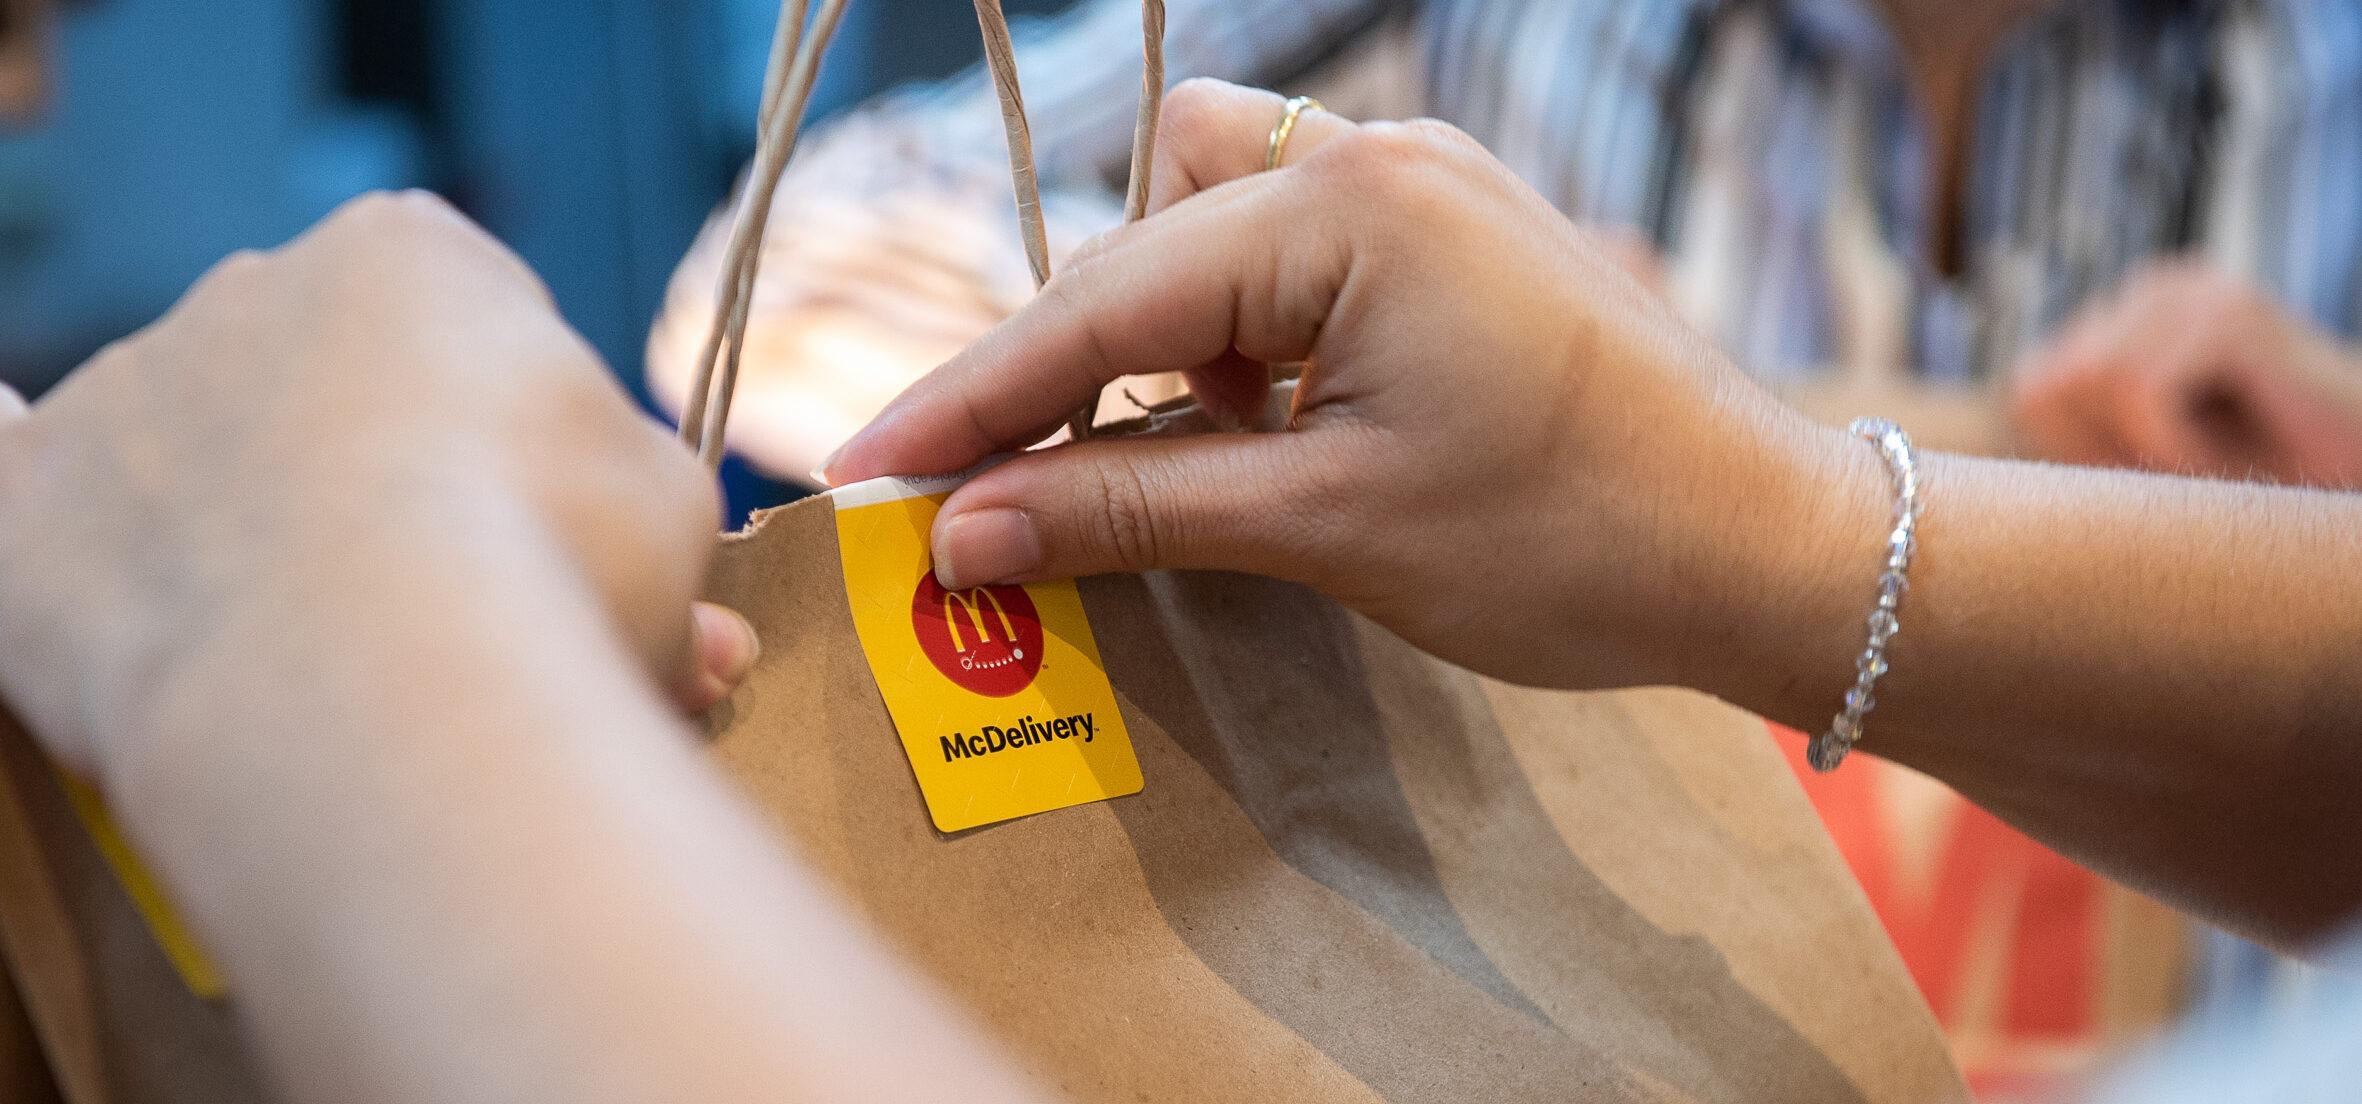 [Argentina] McDonald's presenta la campaña Get Ready with McDelivery, que ofrecerá ítems exclusivos de la marca para disfrutar en casa